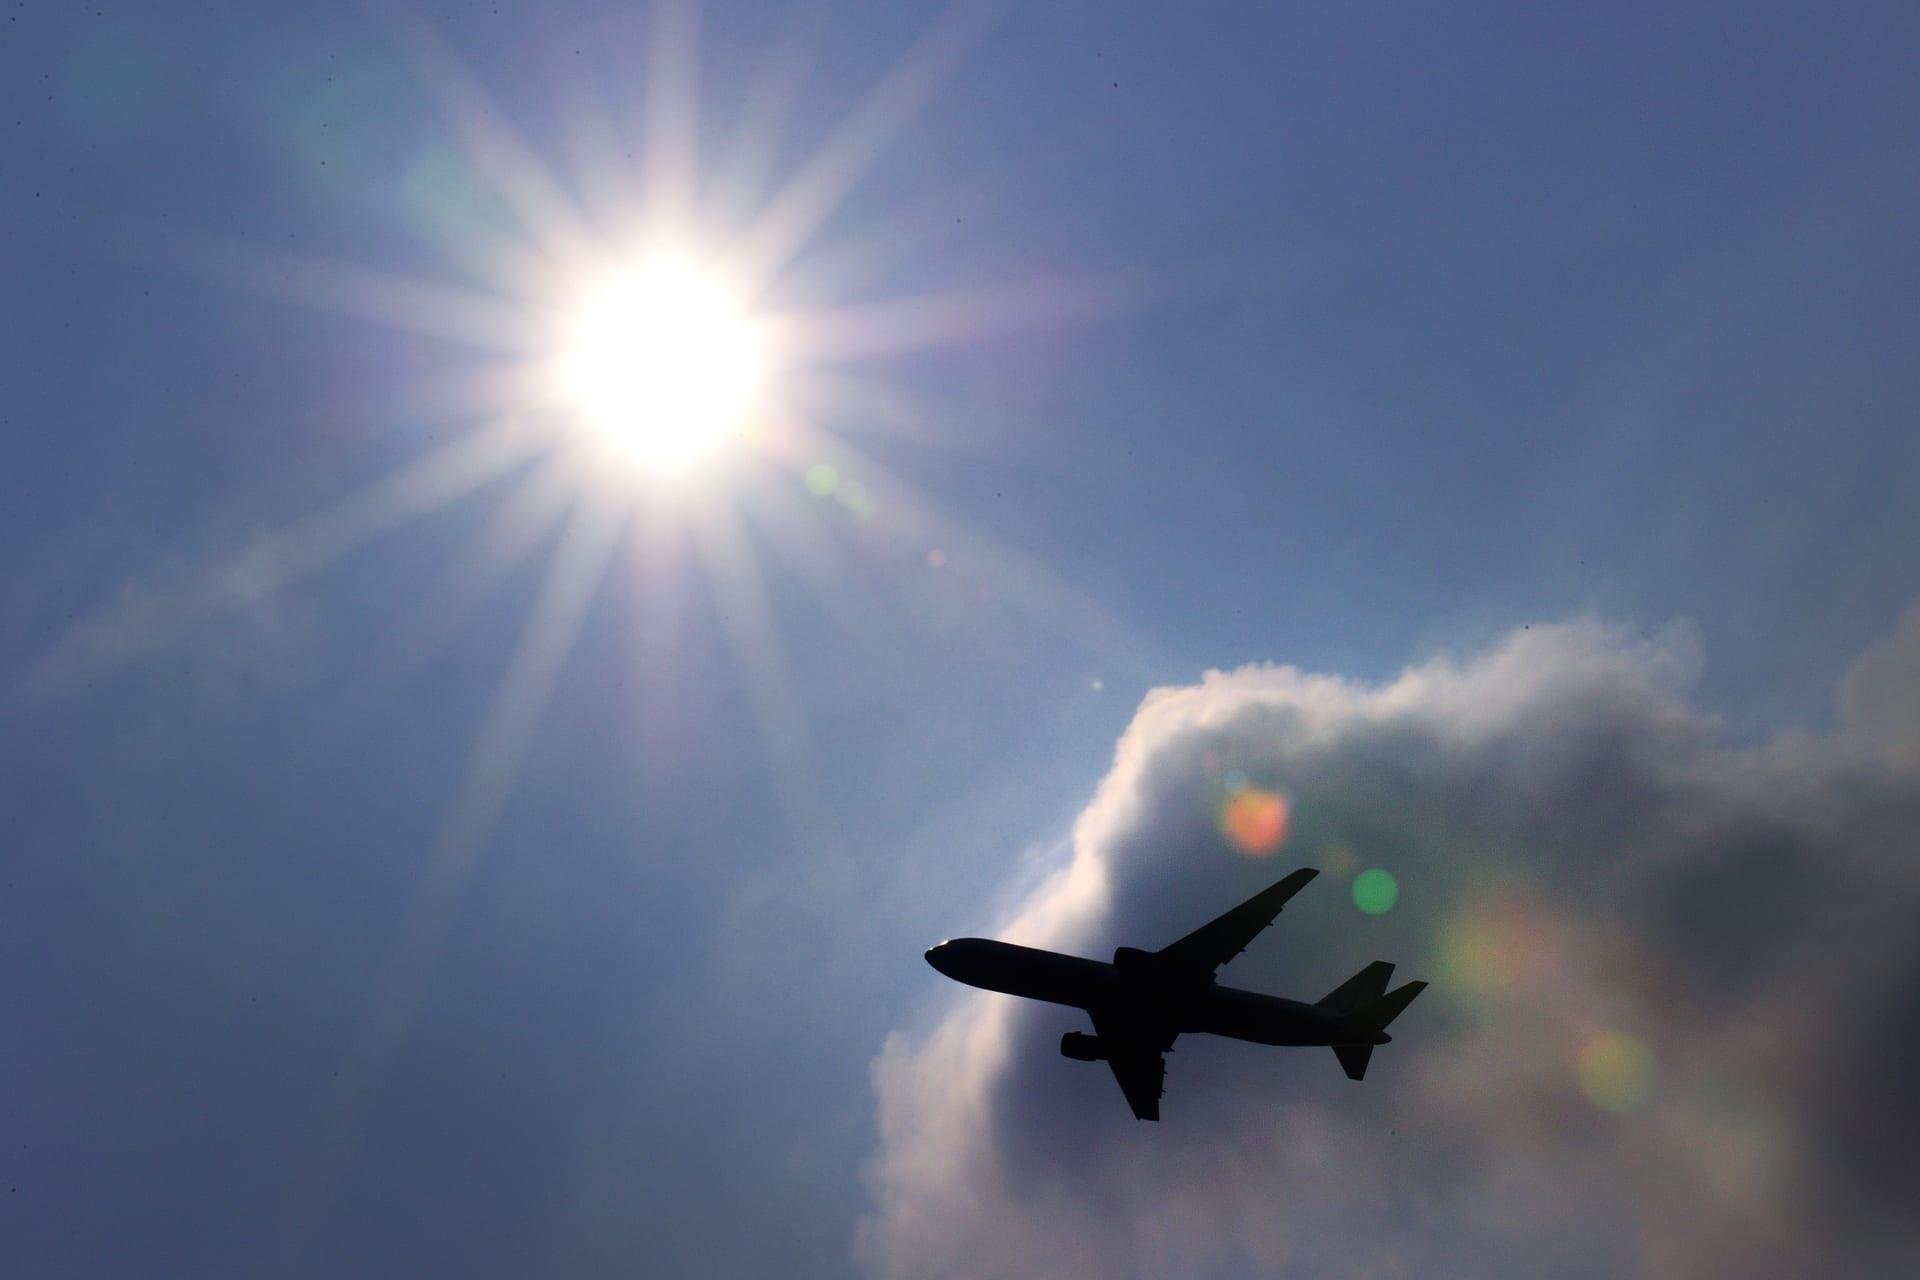 طائرة تحلق في سماء سويسرا